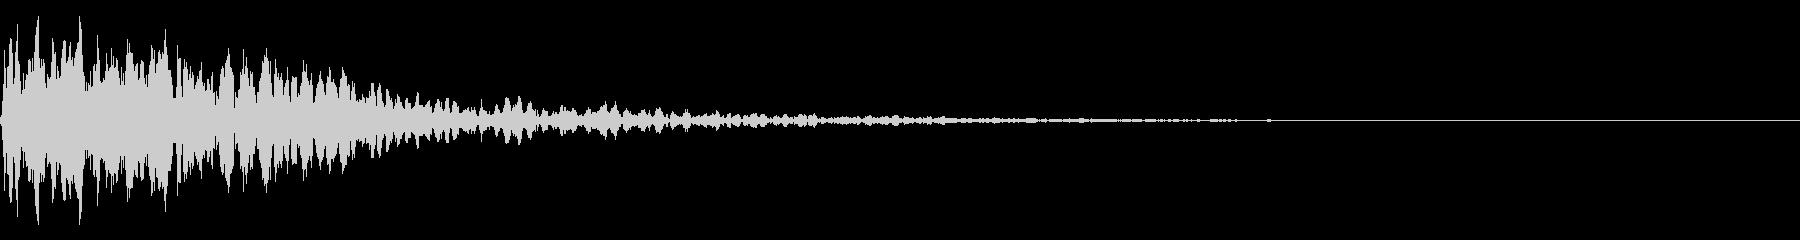 加圧式エアロックハッチ:シール、S...の未再生の波形